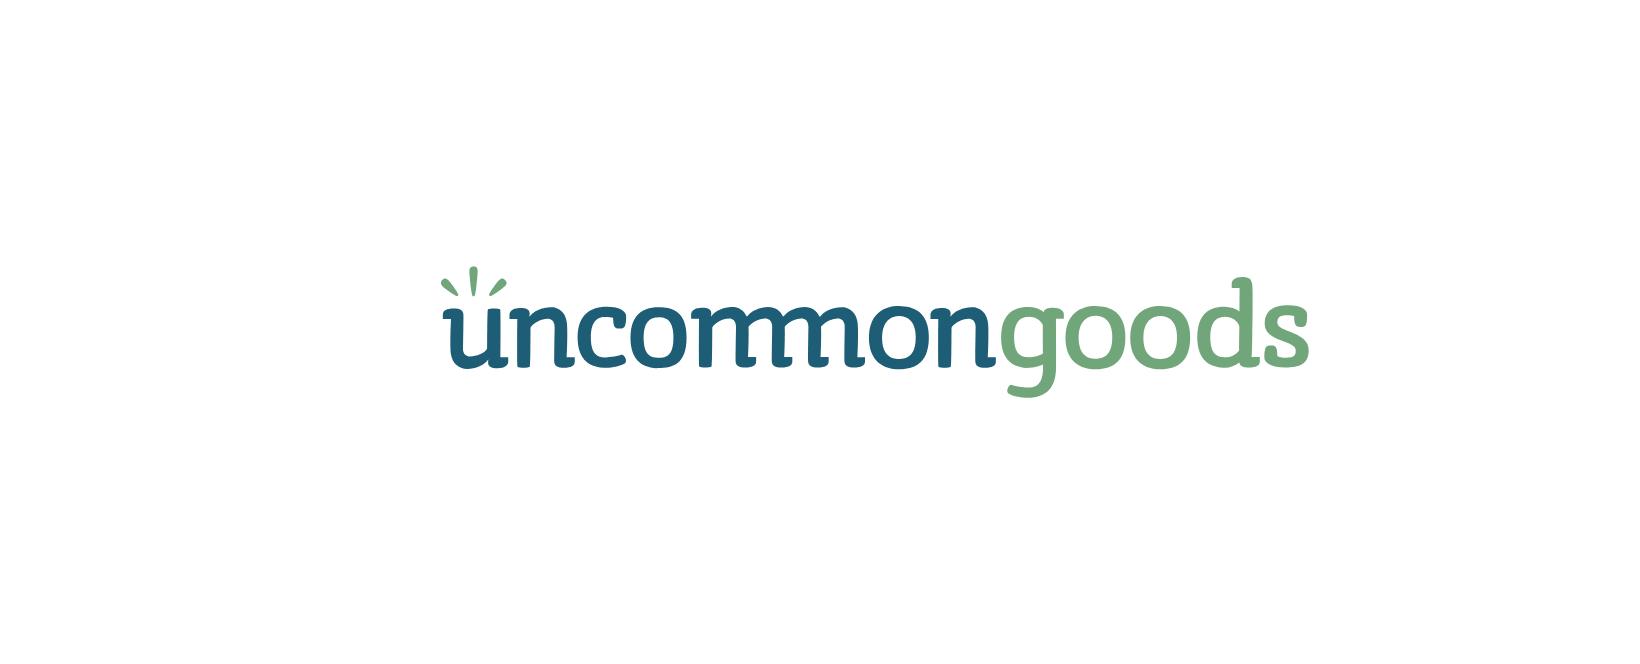 Uncommon Goods Discount Code 2021